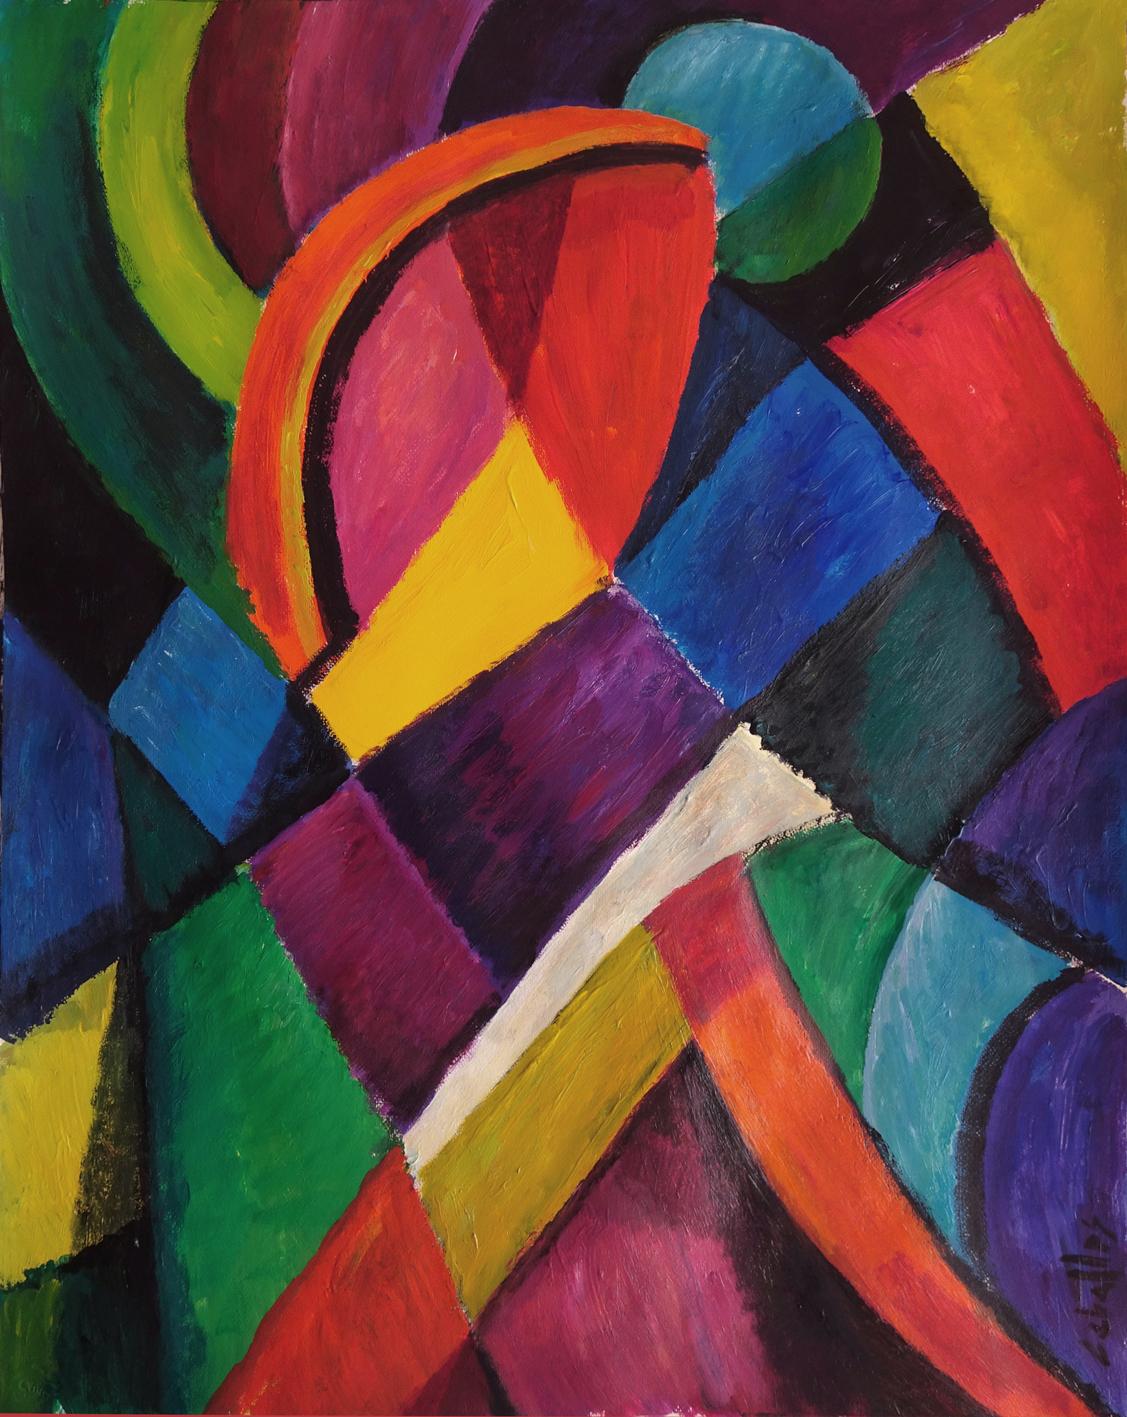 Pintura abstracta y m sica guillermo mart ceballos for Imagenes de cuadros abstractos faciles